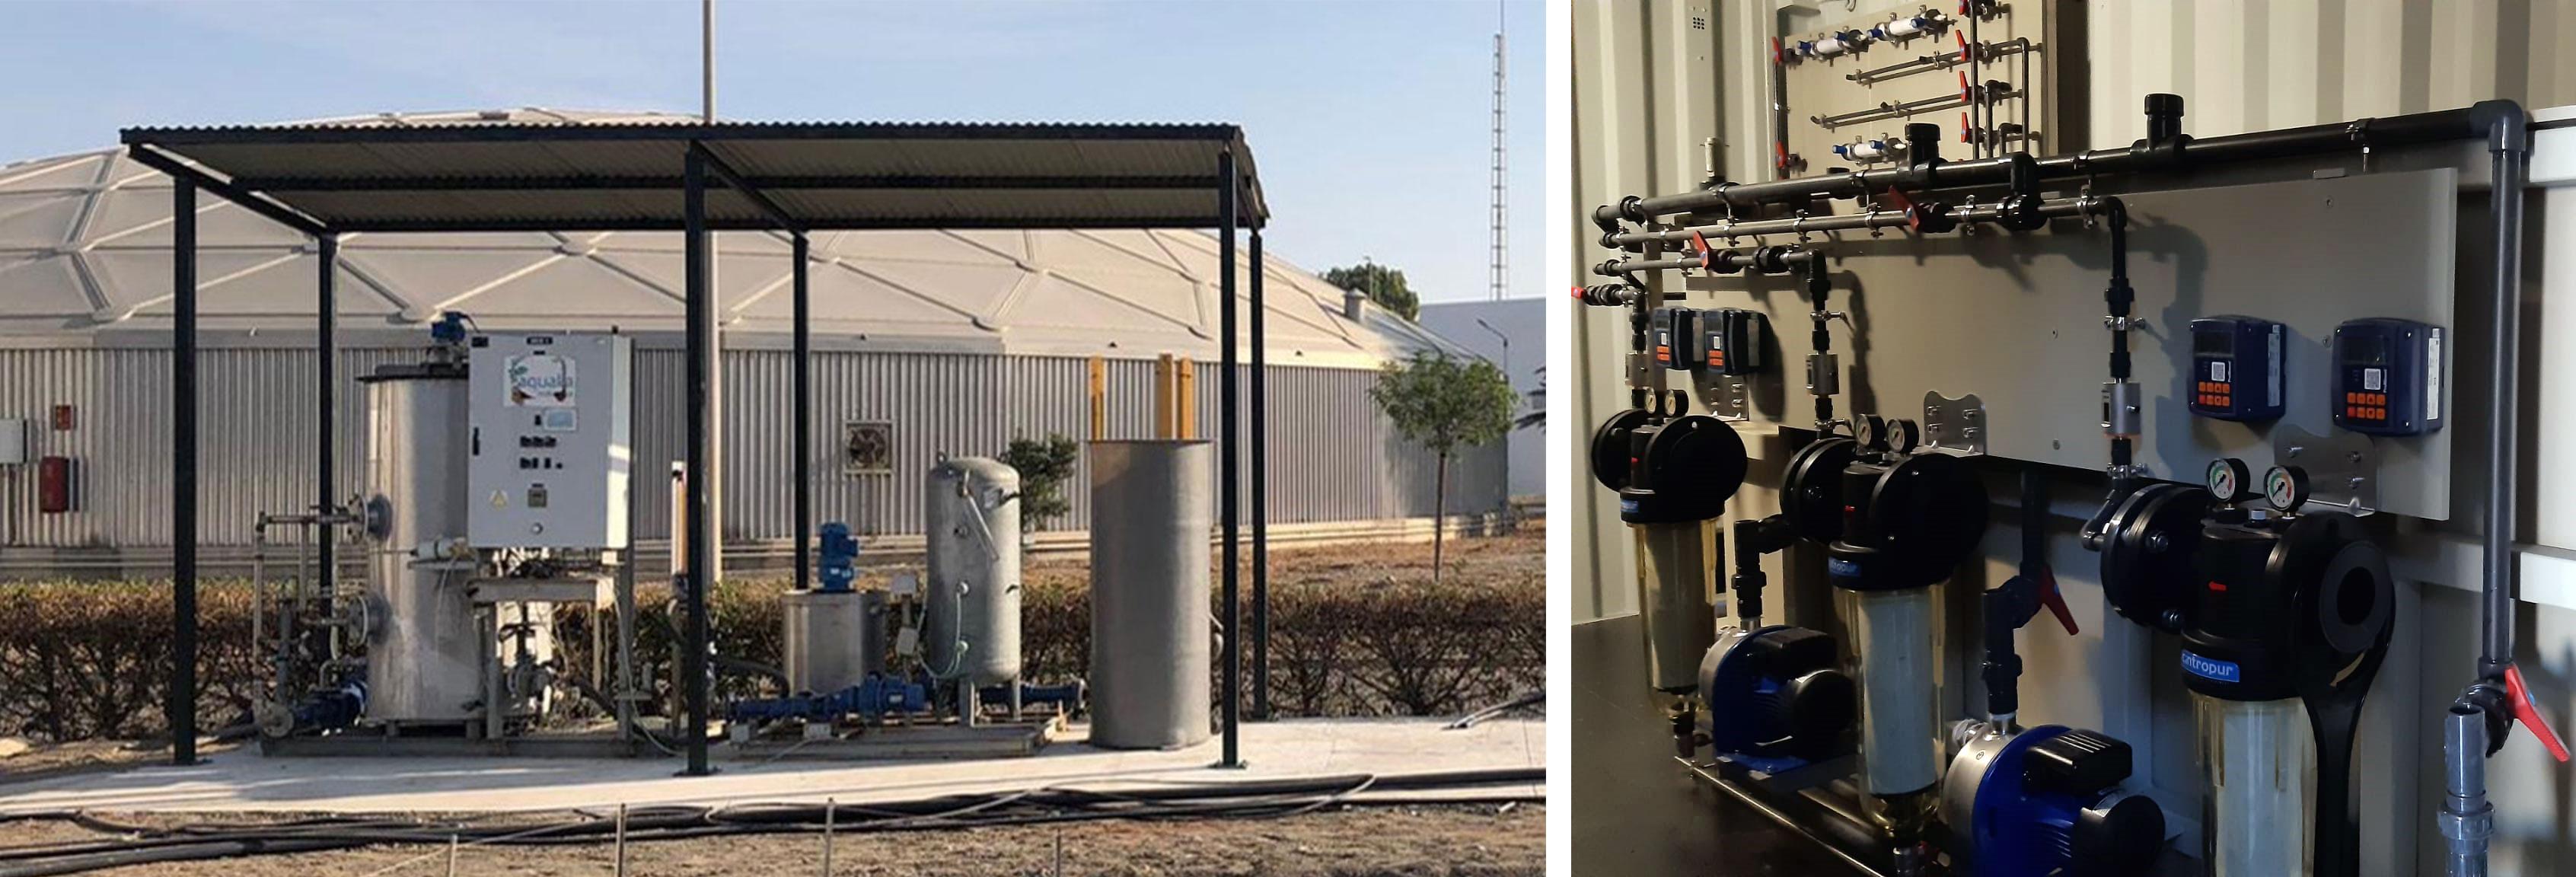 Planta piloto de precipitación de estruvita y planta piloto de hidrólisis enzimática del proyecto LIFE ULISES.